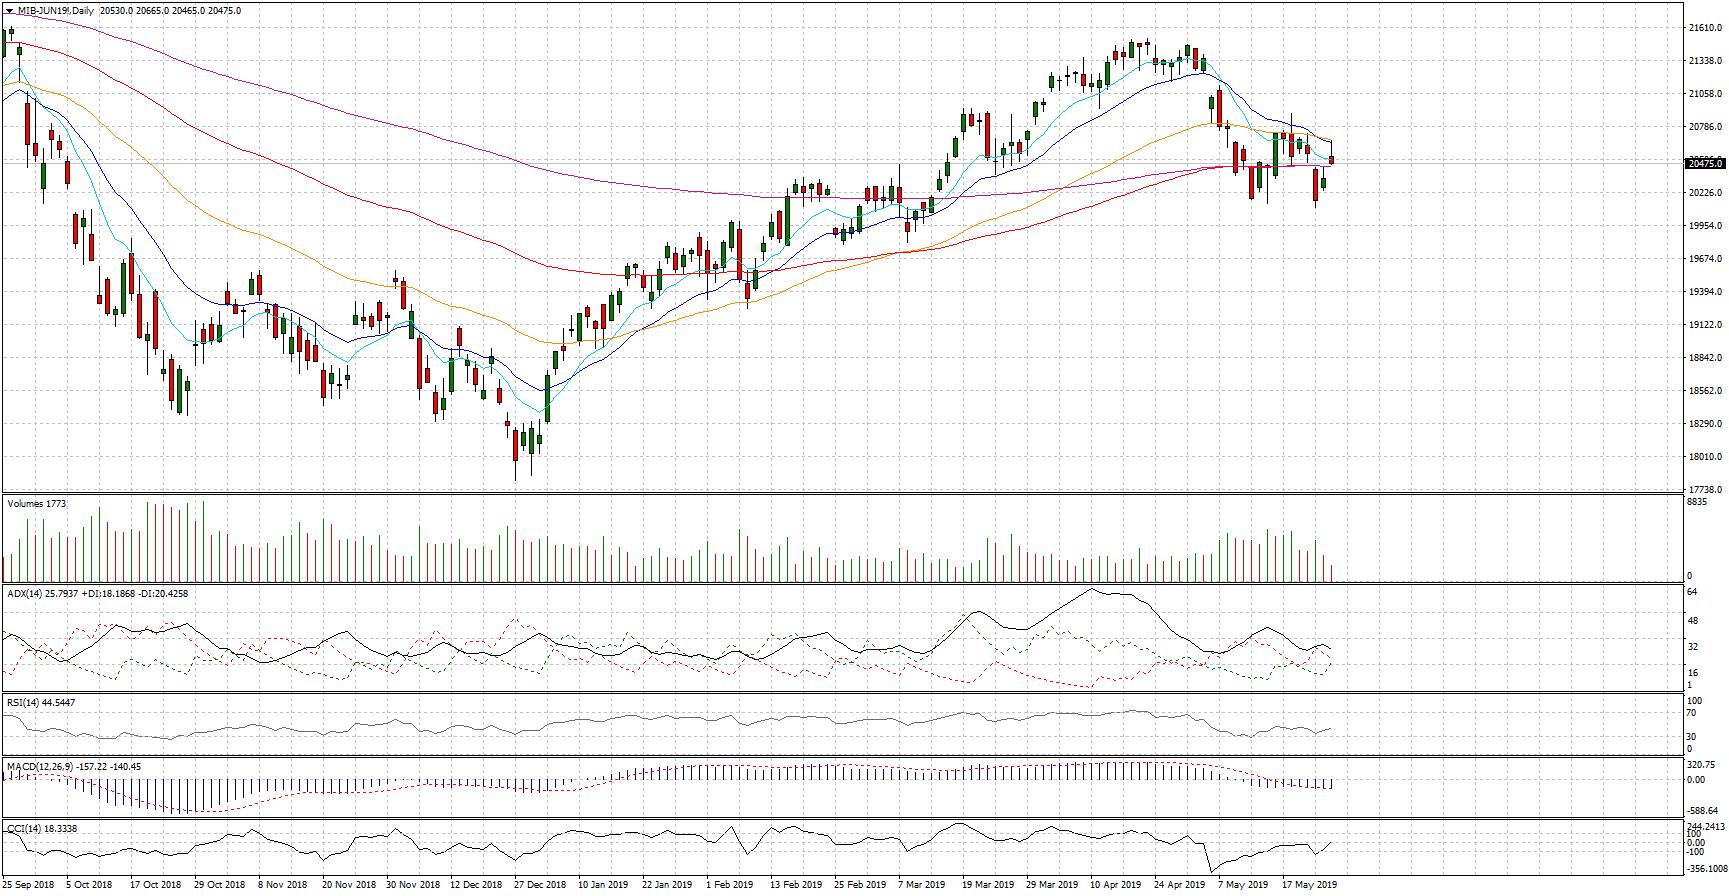 Indice Ftse Mib, analisi dopo le europee